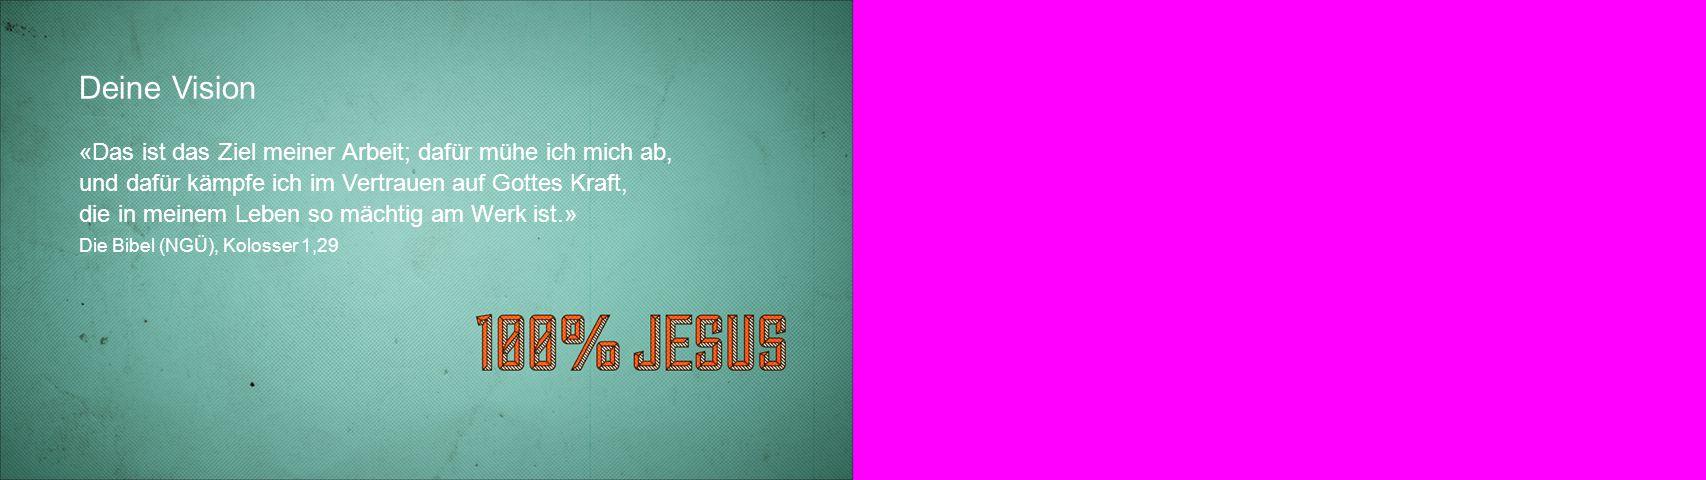 Deine Vision «Das ist das Ziel meiner Arbeit; dafür mühe ich mich ab, und dafür kämpfe ich im Vertrauen auf Gottes Kraft, die in meinem Leben so mächt